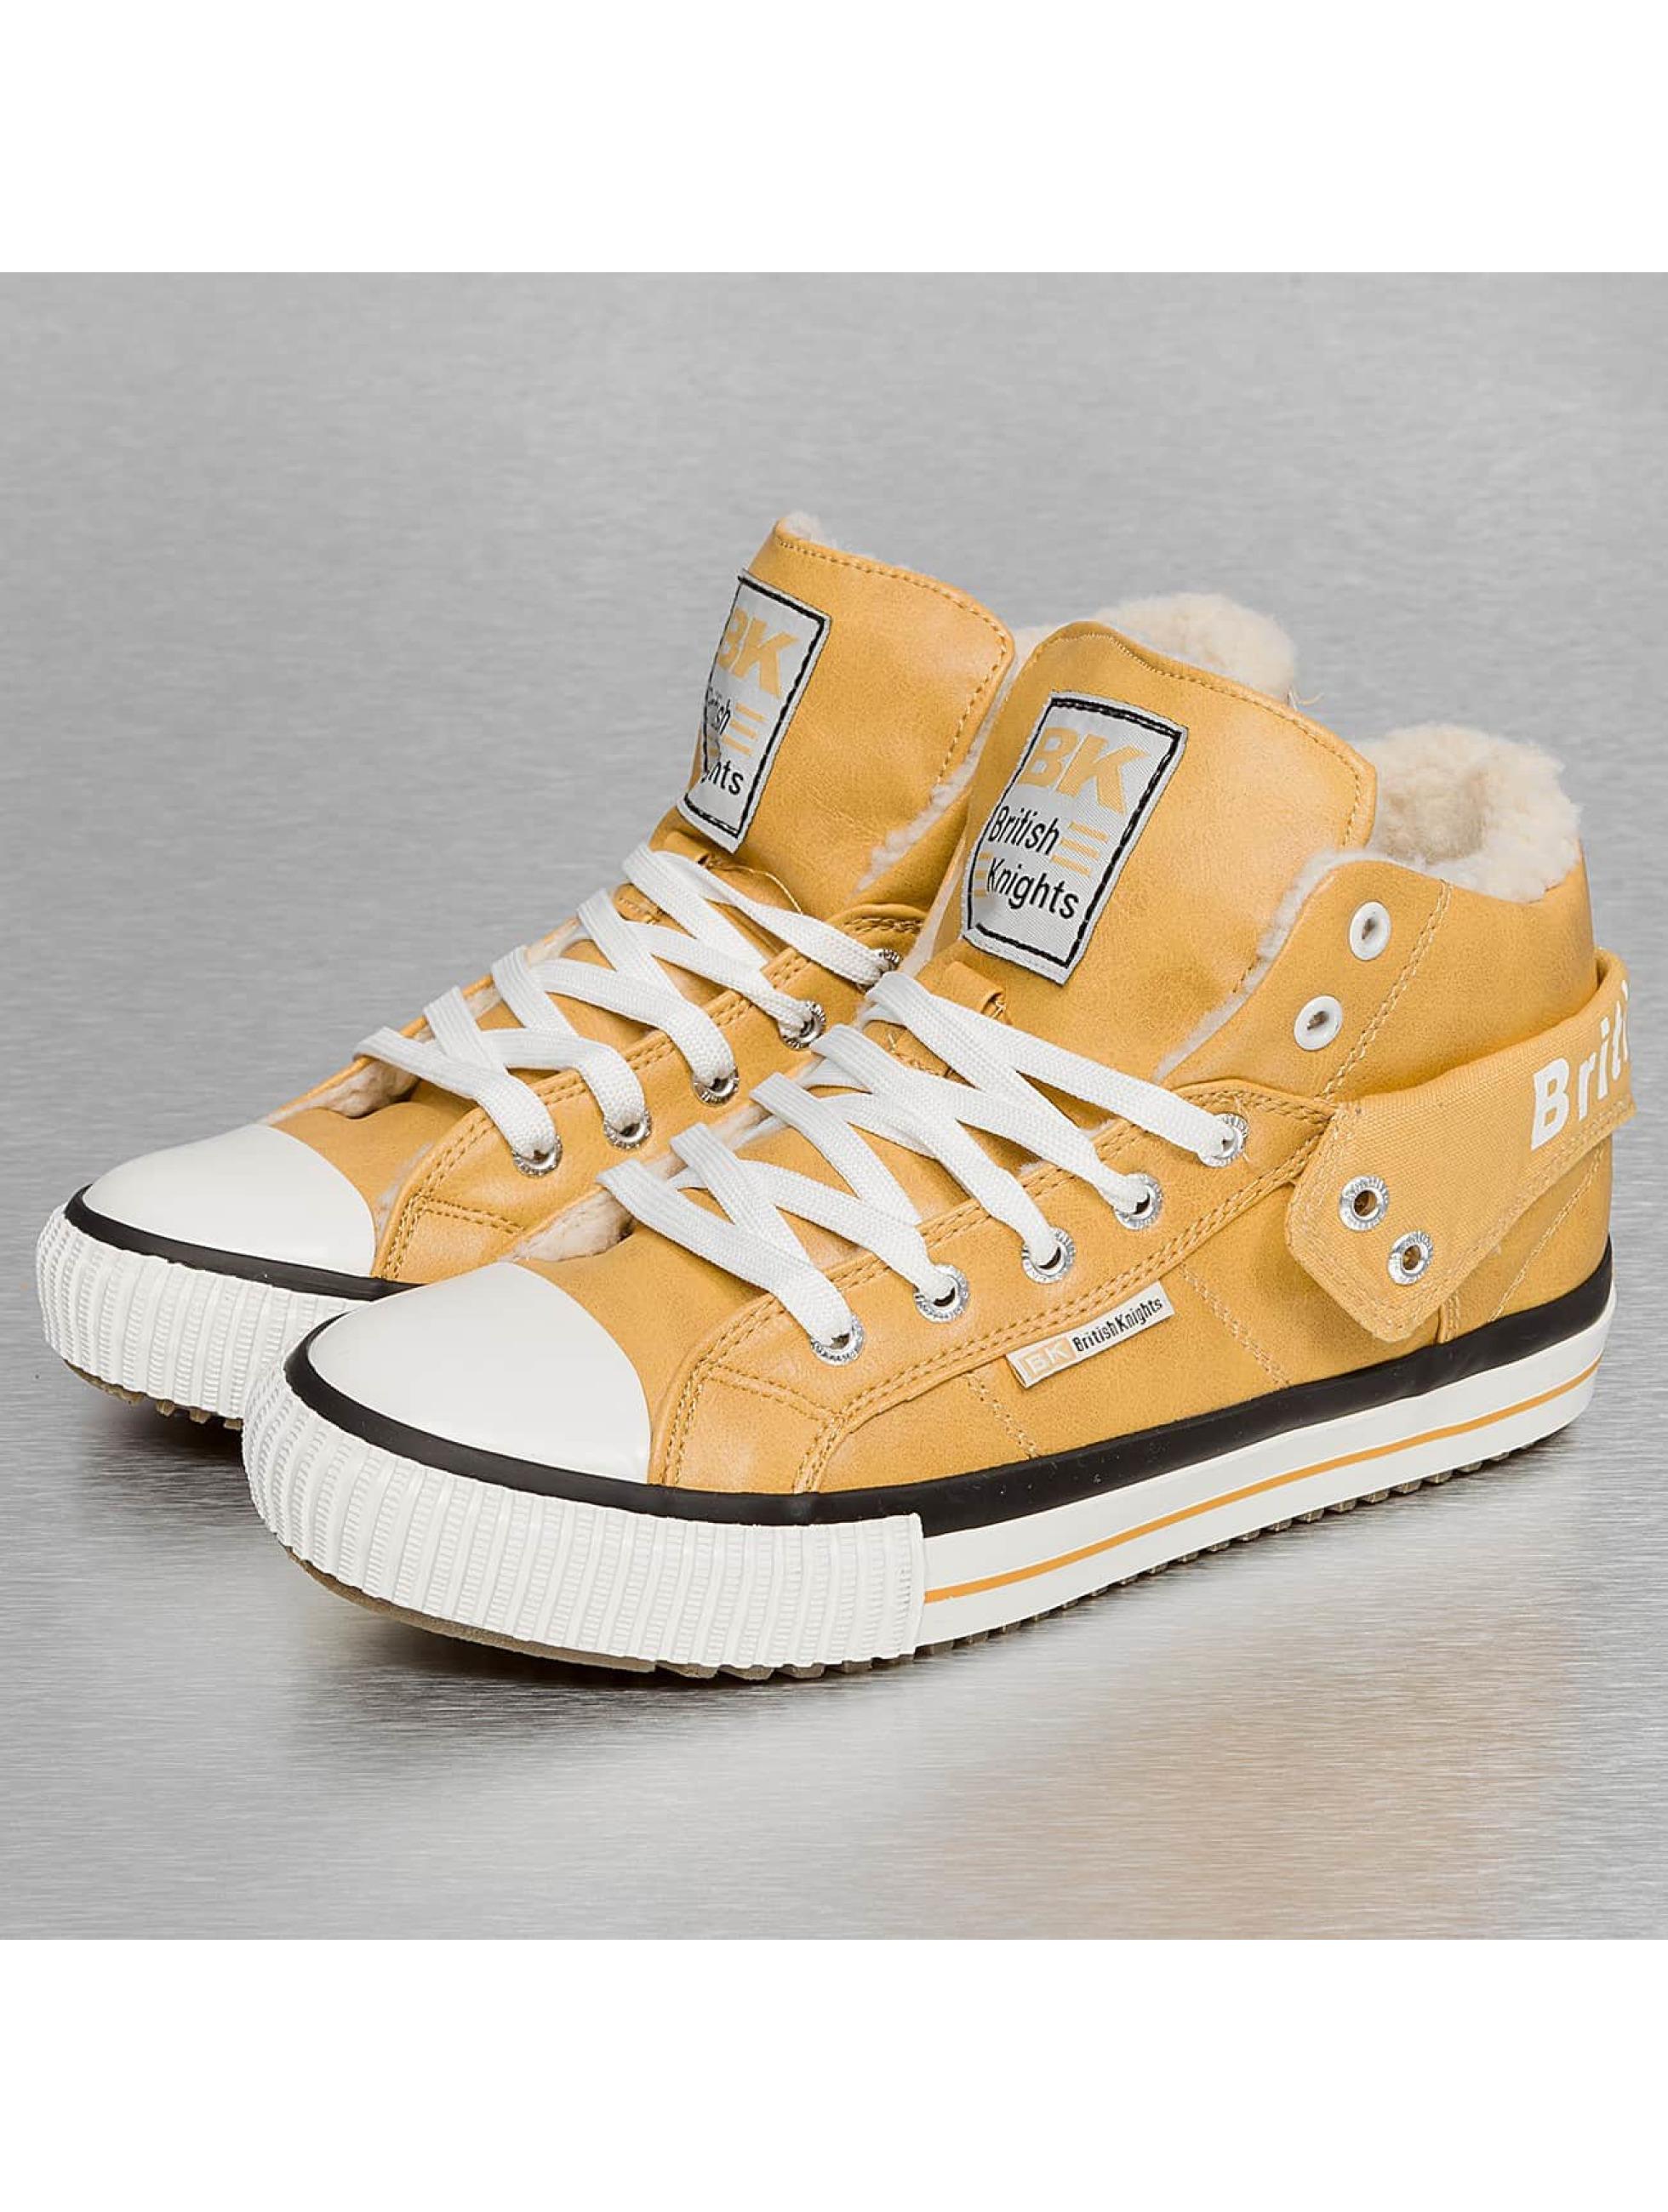 British Knights Frauen Sneaker Roco Warm Lining in beige